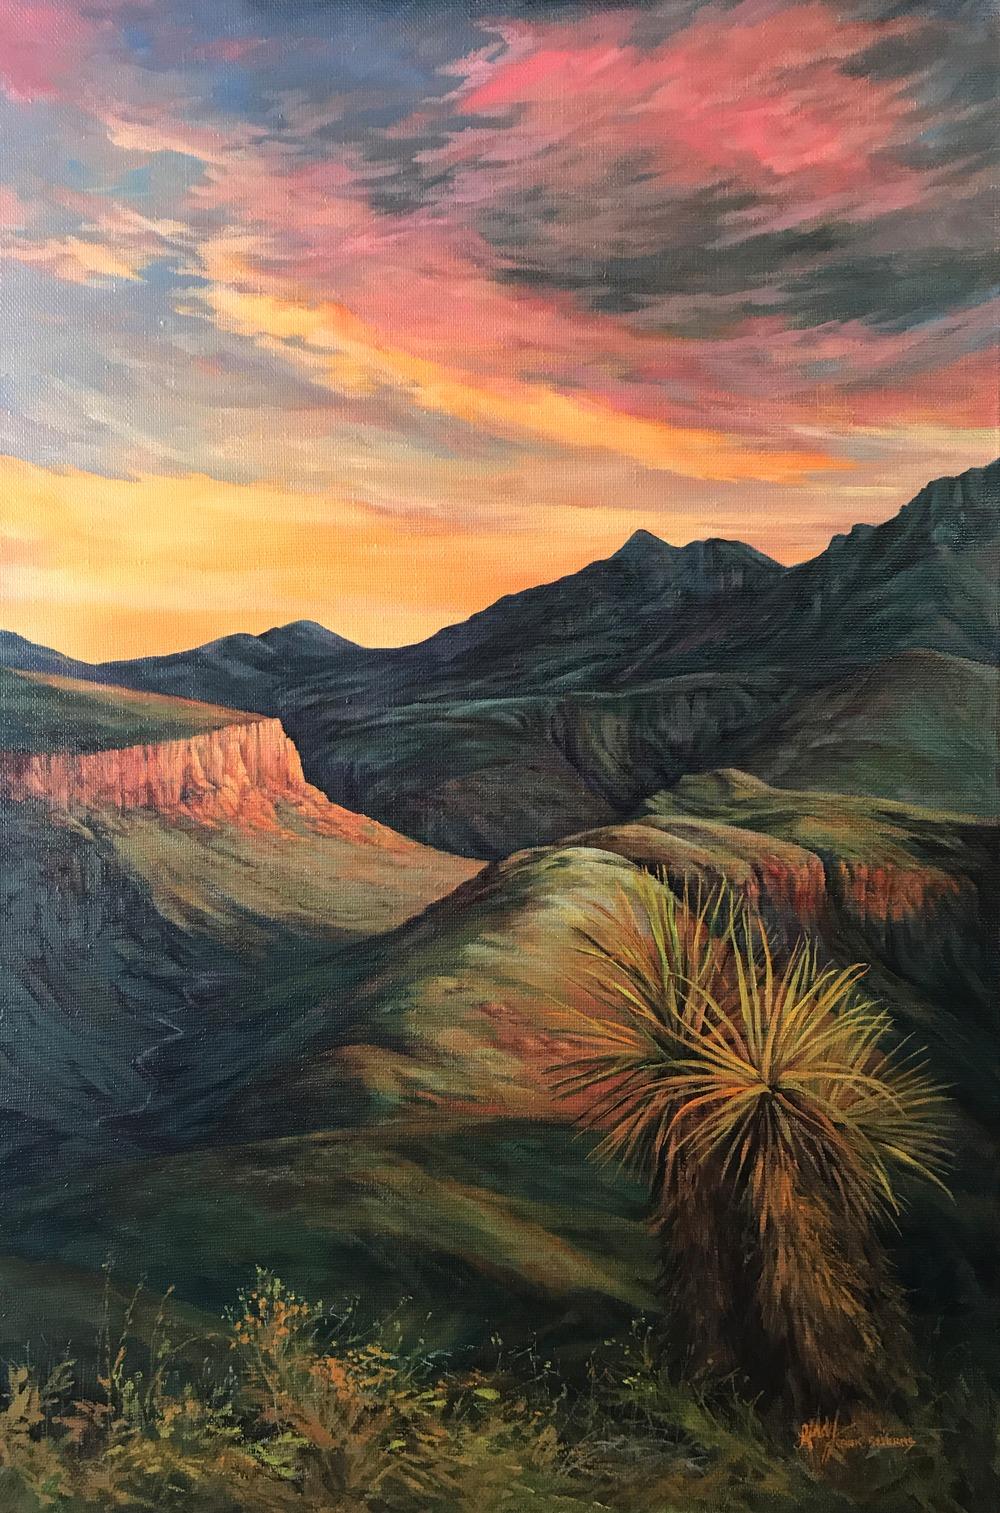 sunset over desert canyon